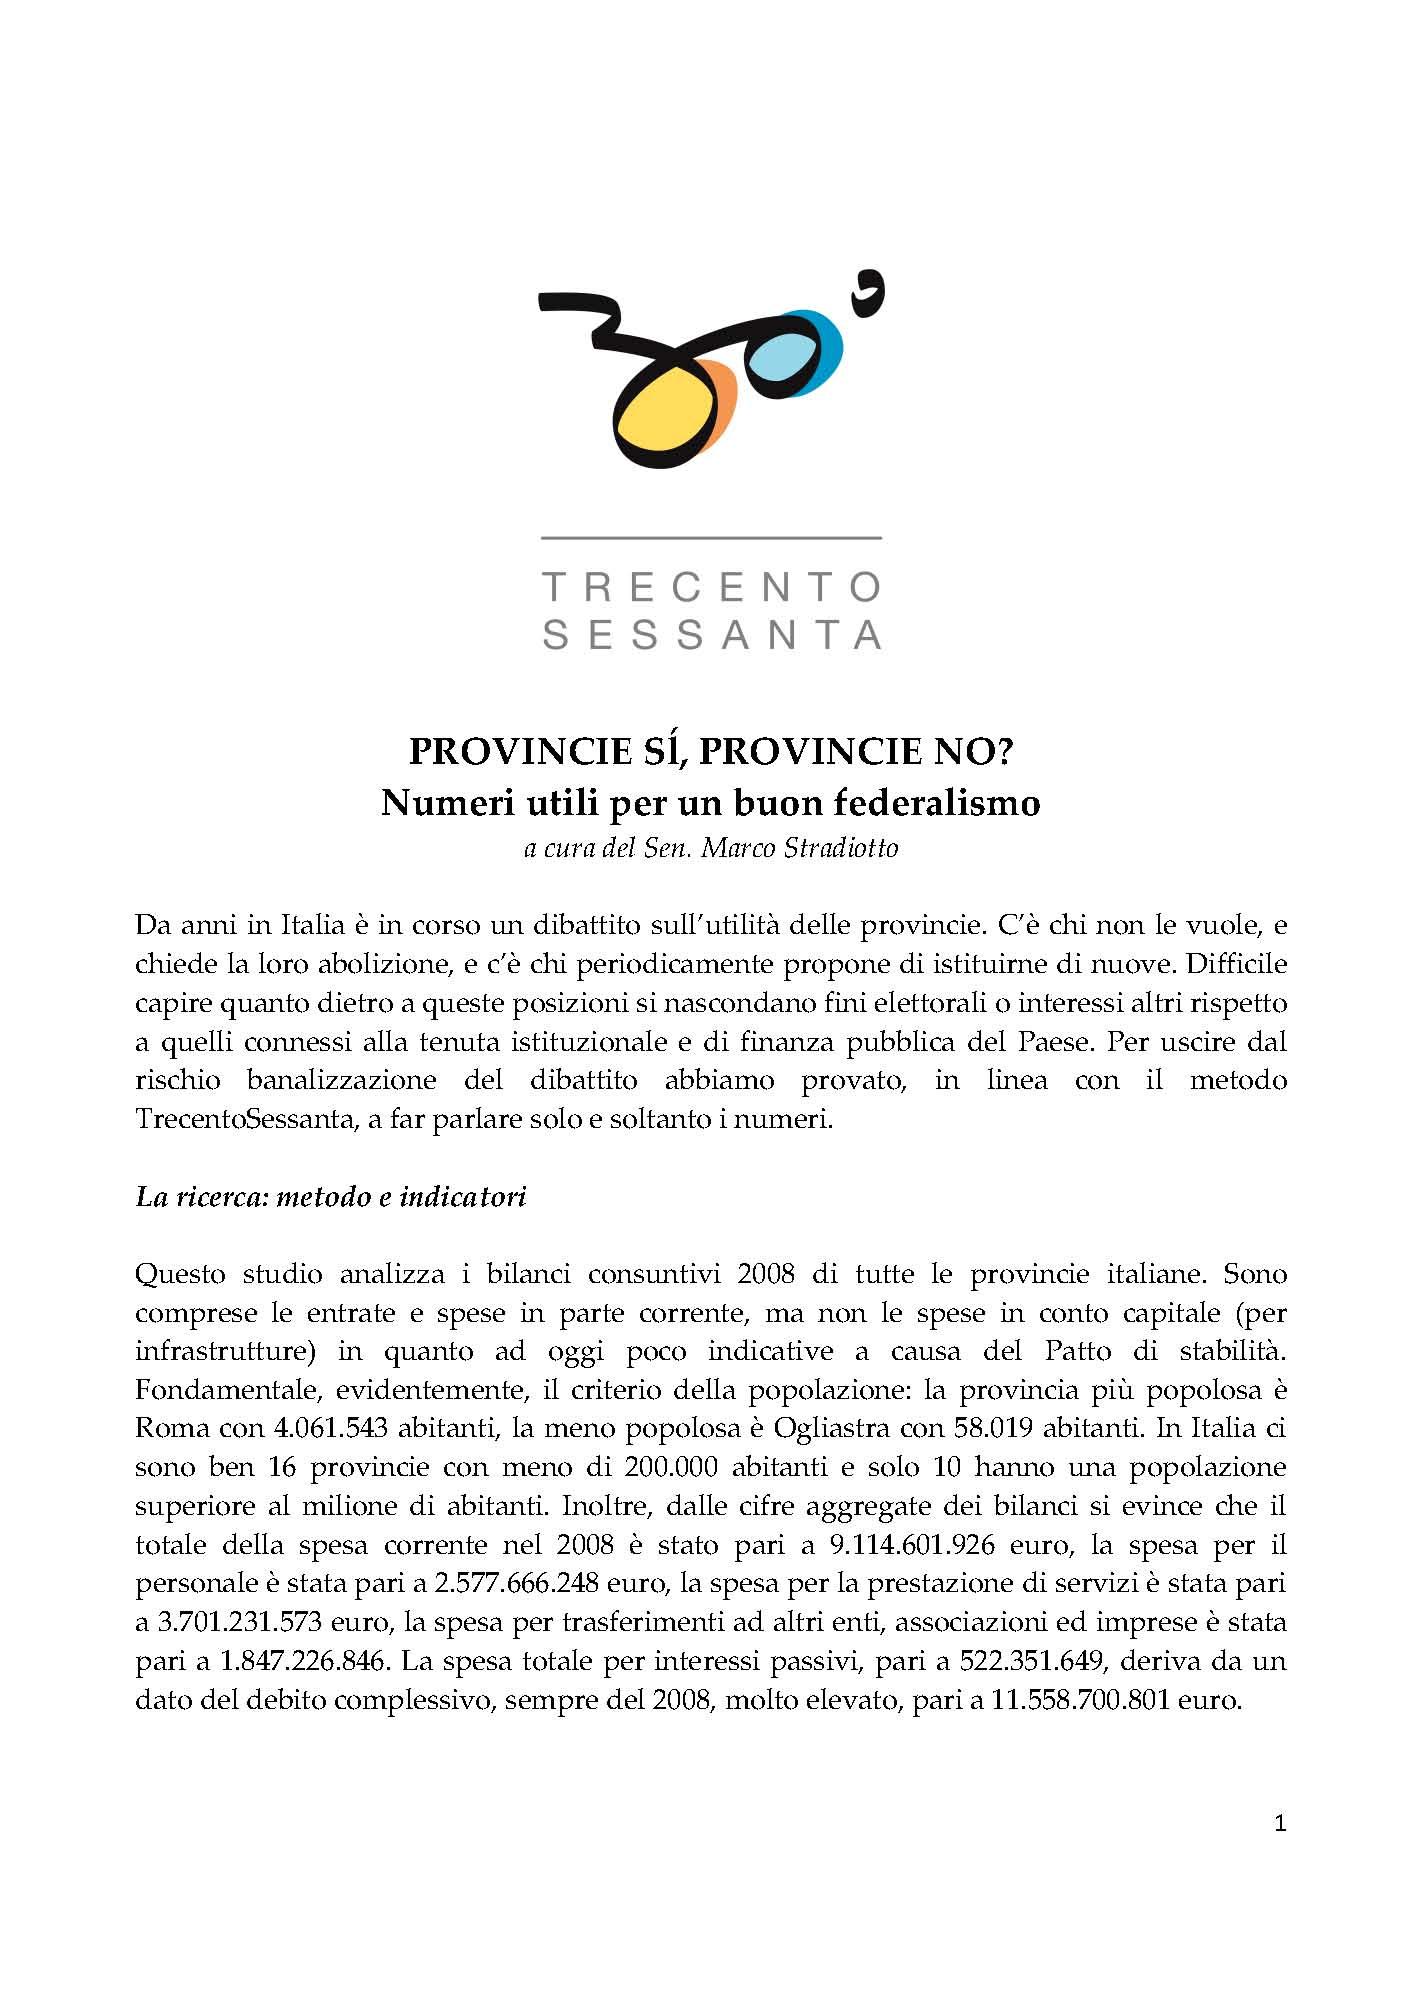 Federalismo: Per finanziare le Provincie l'auto ci costerà di più!